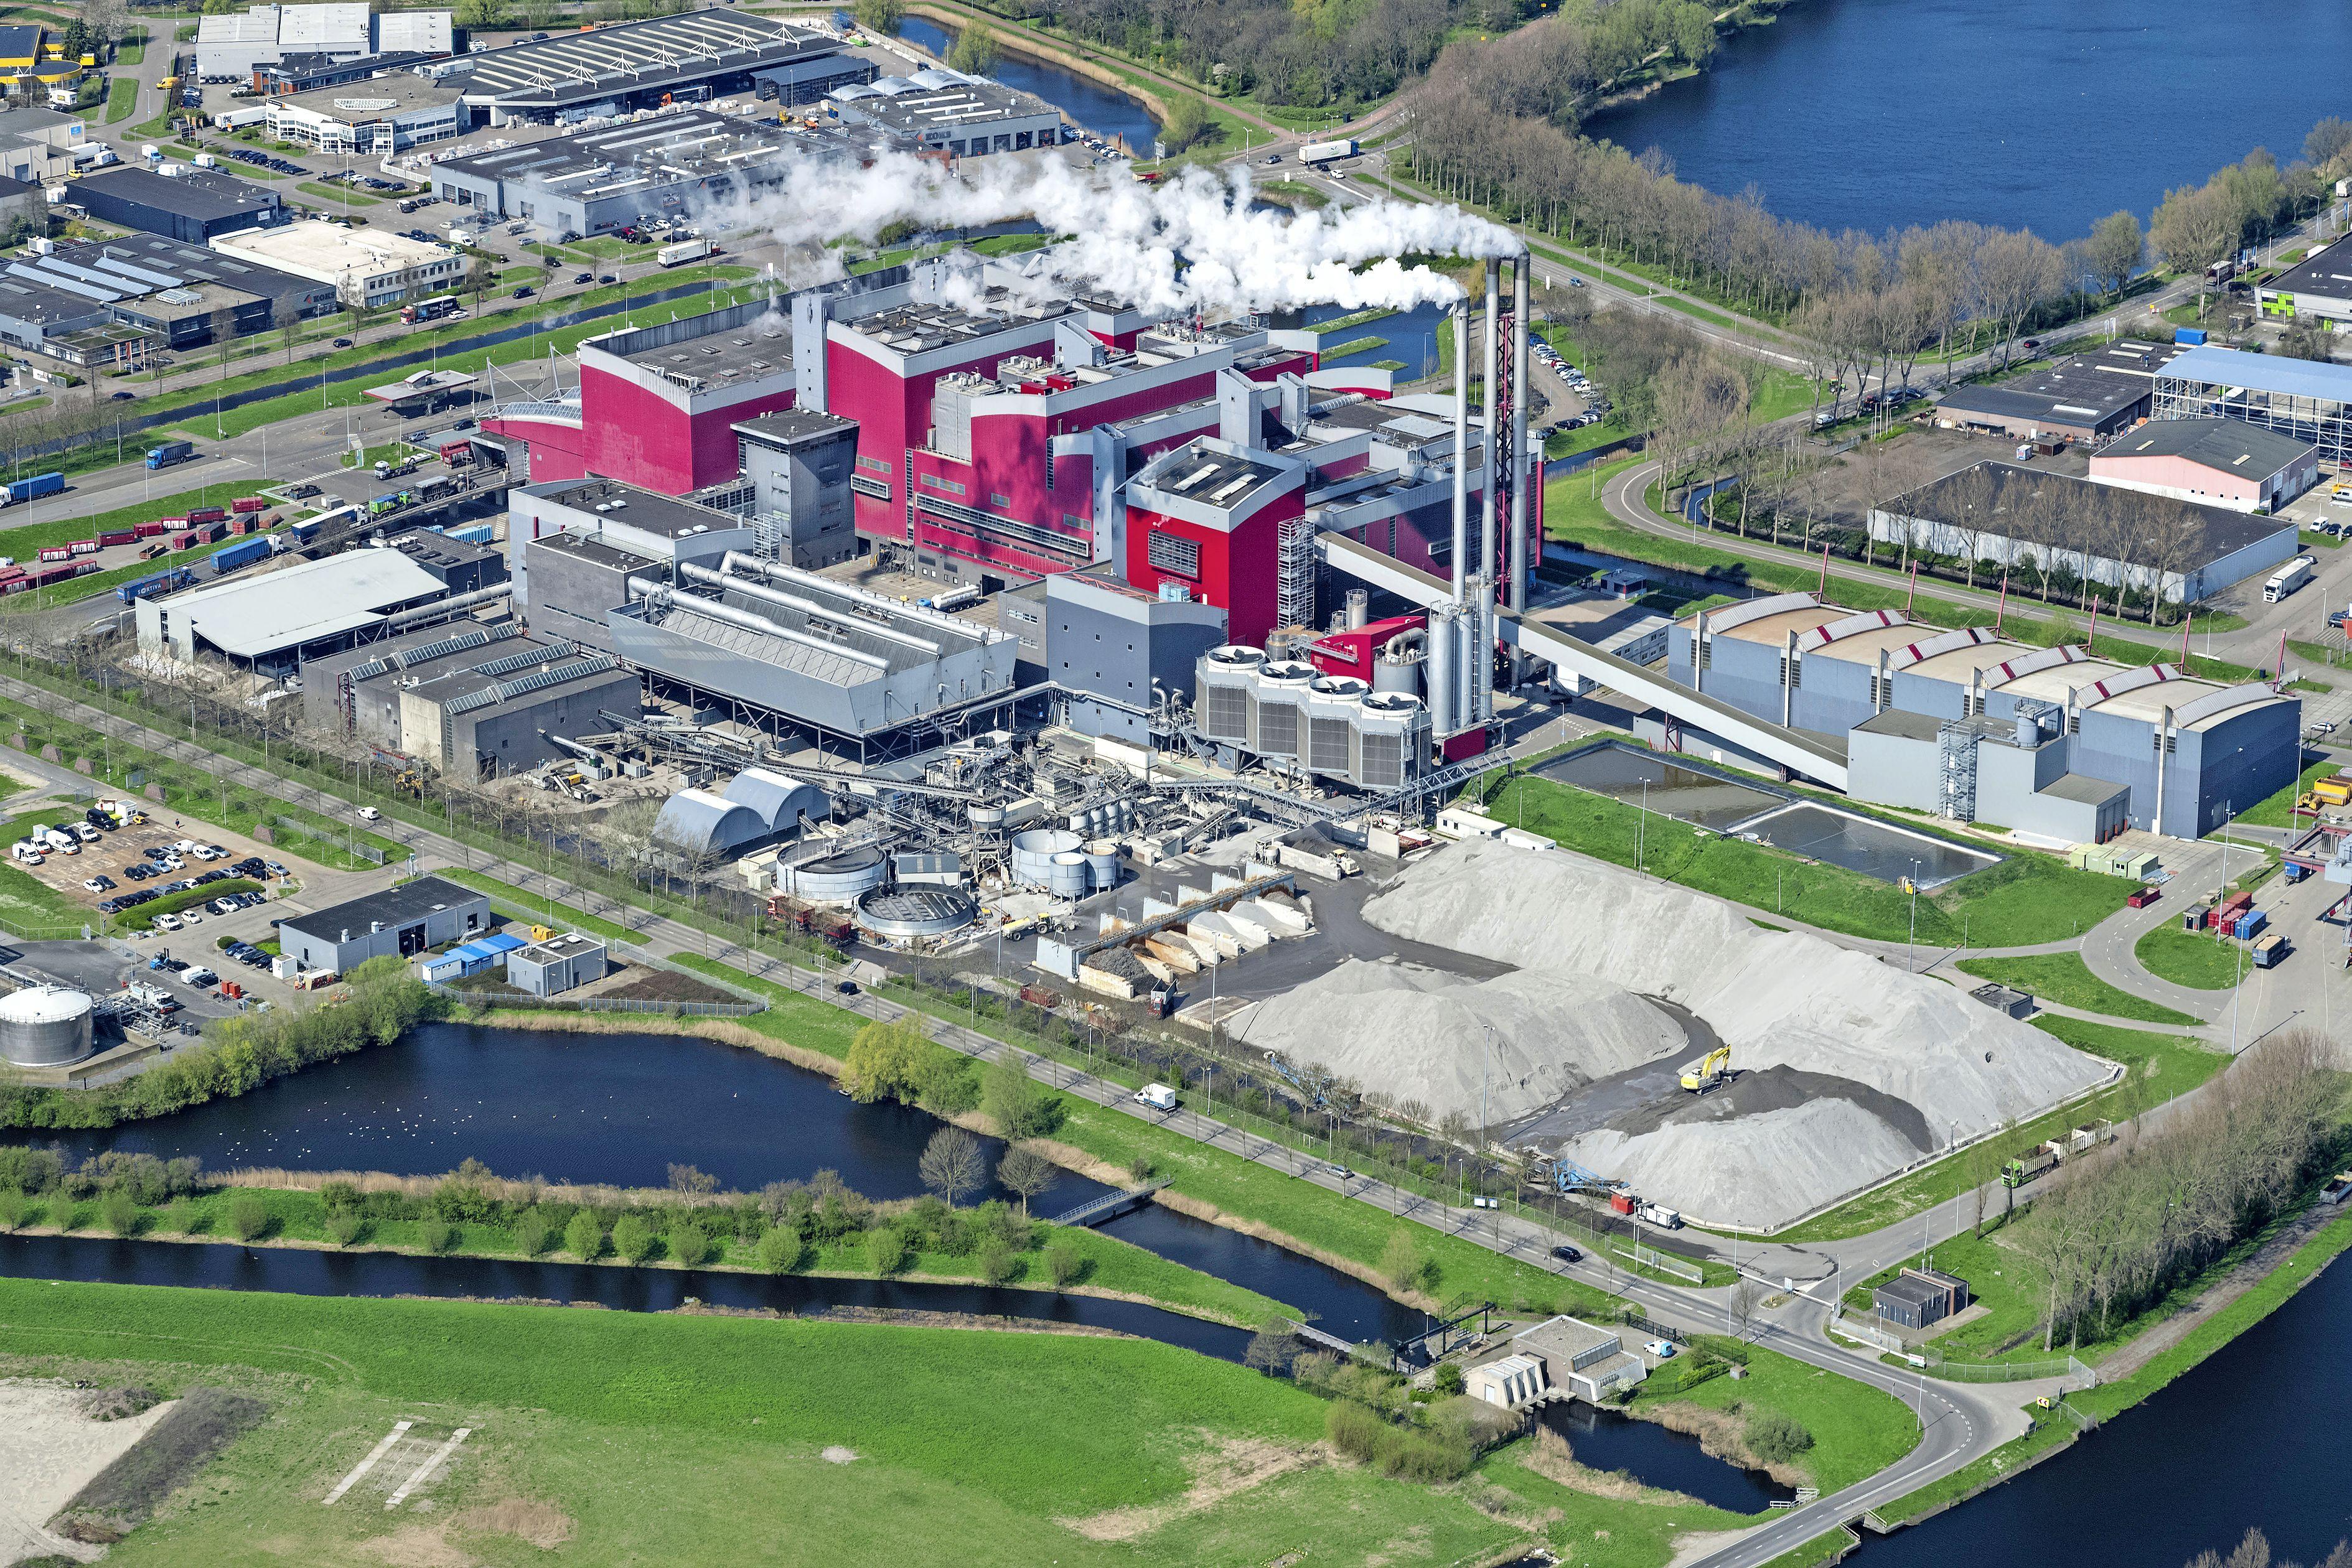 Vijftien woningen worden aardgasvrij gemaakt, gemeente Heerhugowaard trekt hiervoor 'pionierssubsidie' van 136.500 euro uit